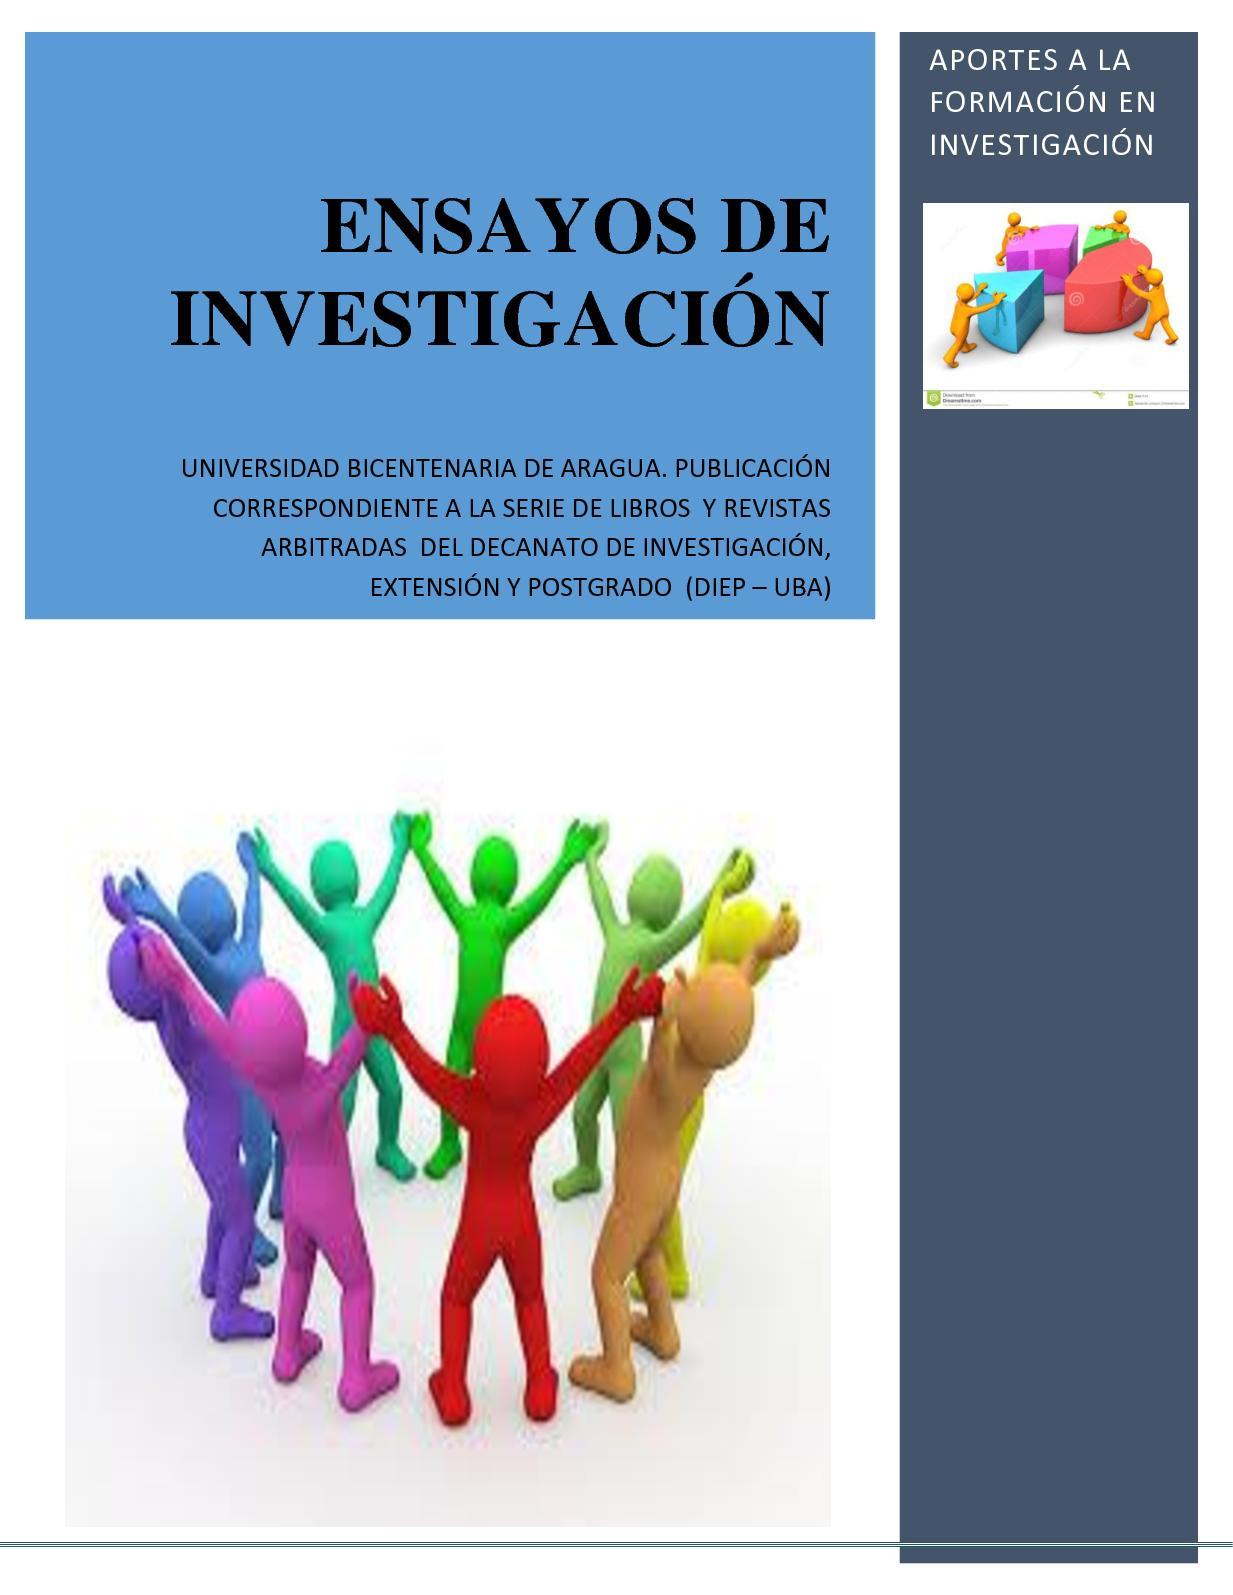 balestrini (2006) diseño de la investigacion